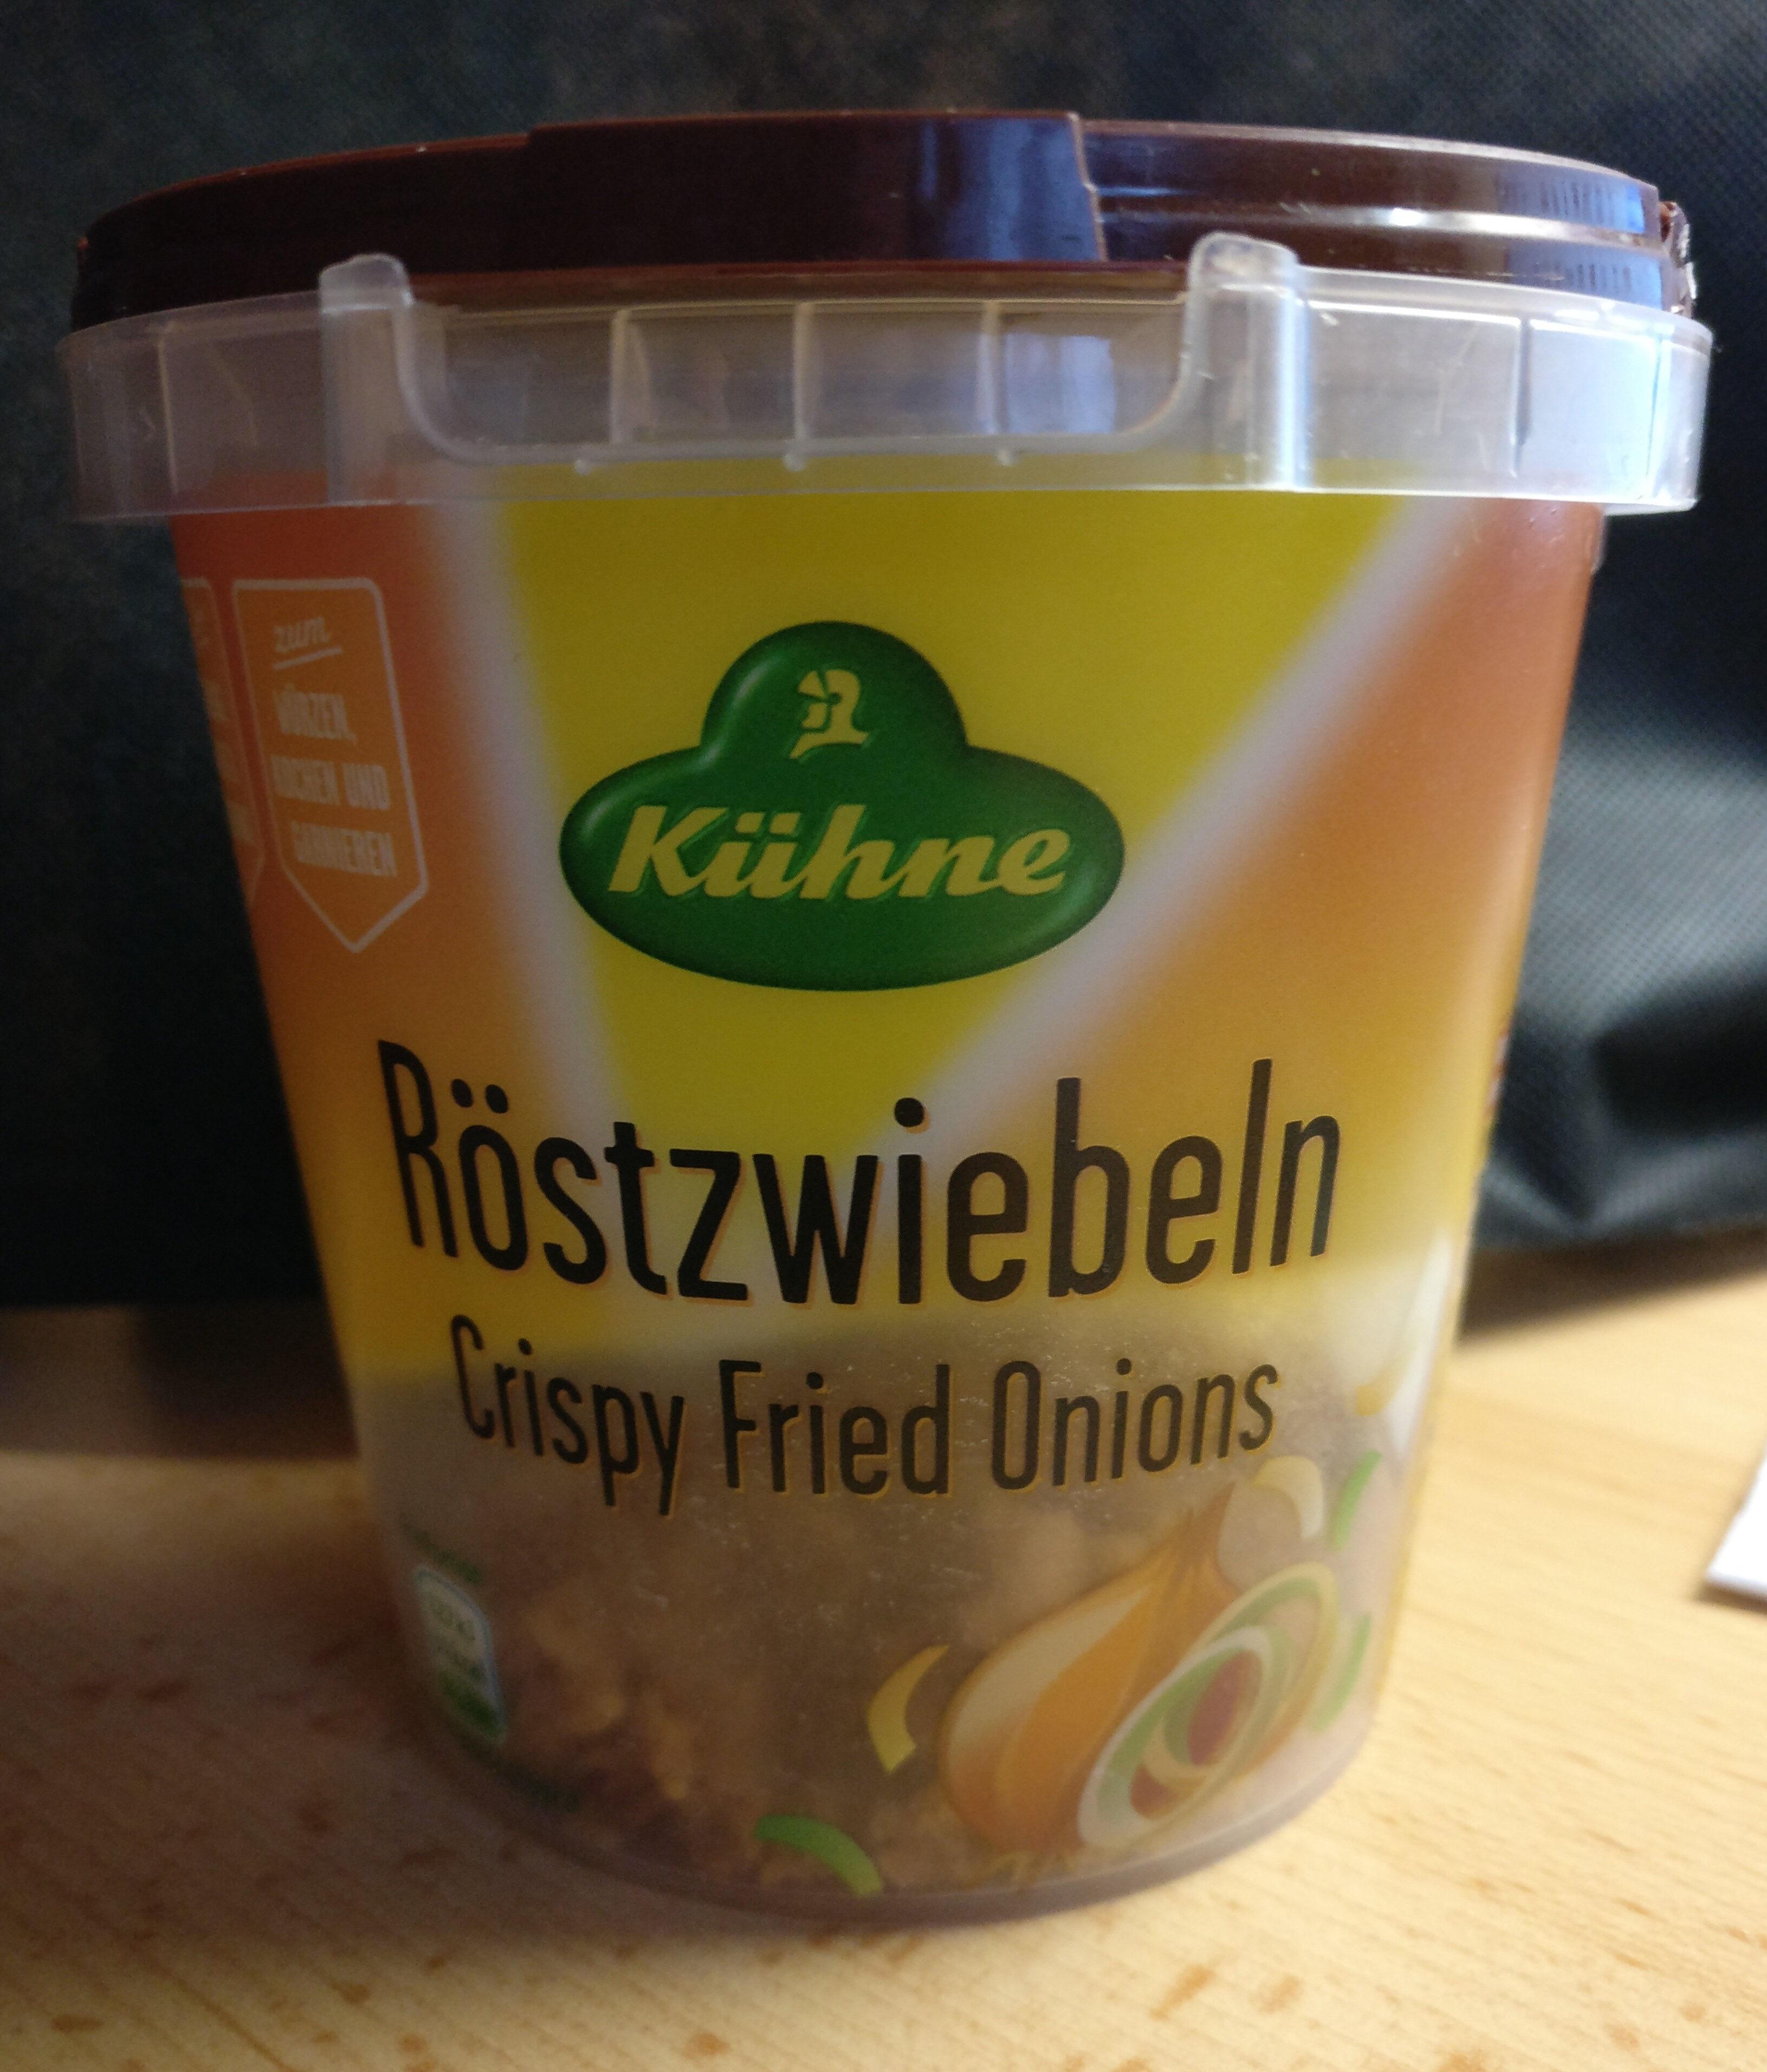 Oignons frits - Produkt - de